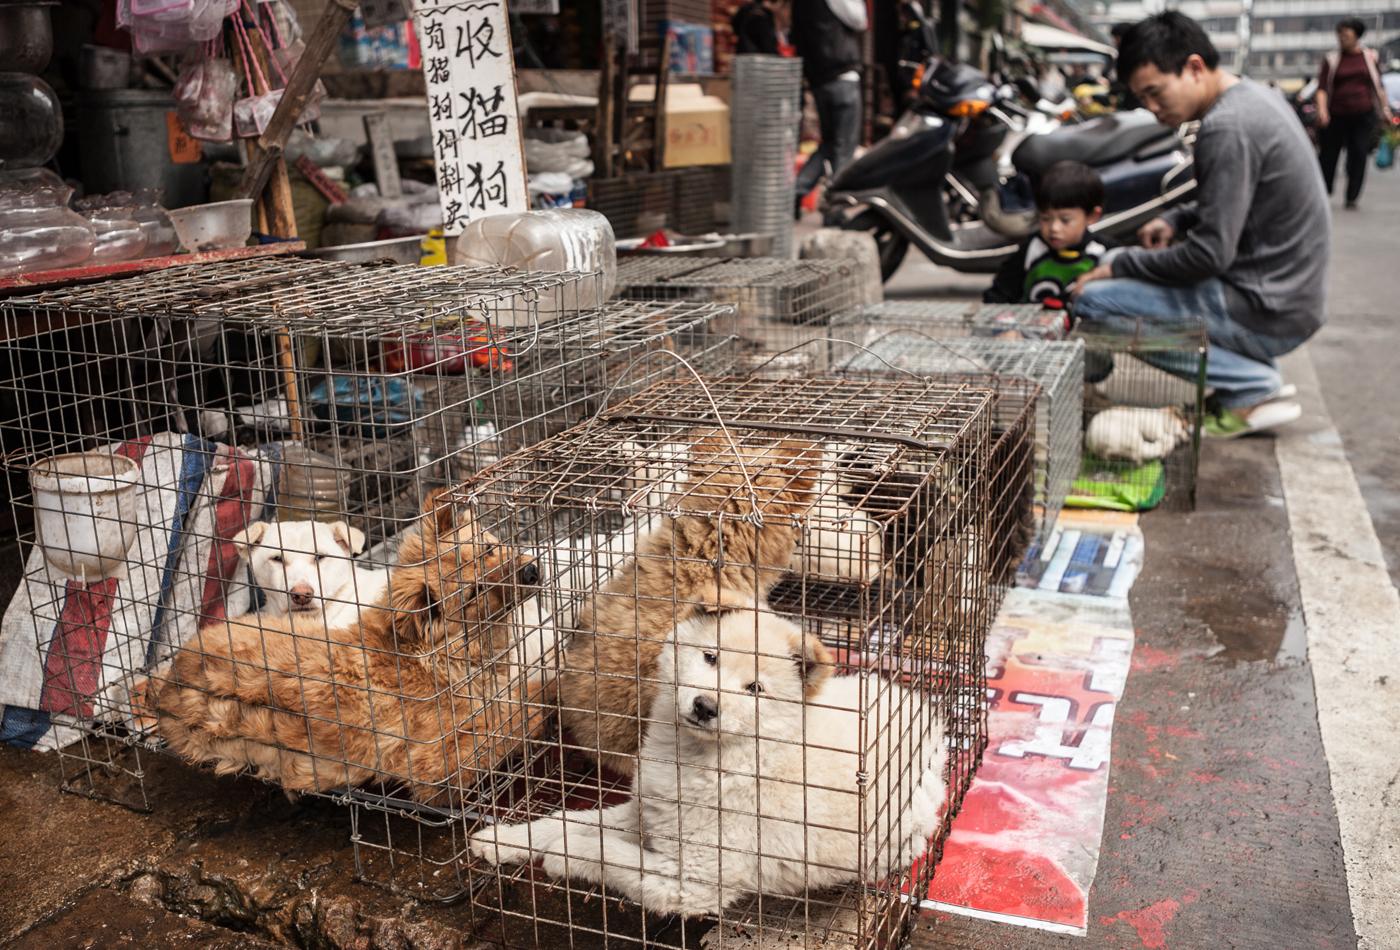 Hondenvleesfestival gaat door ondanks protest van miljoenen Chinezen